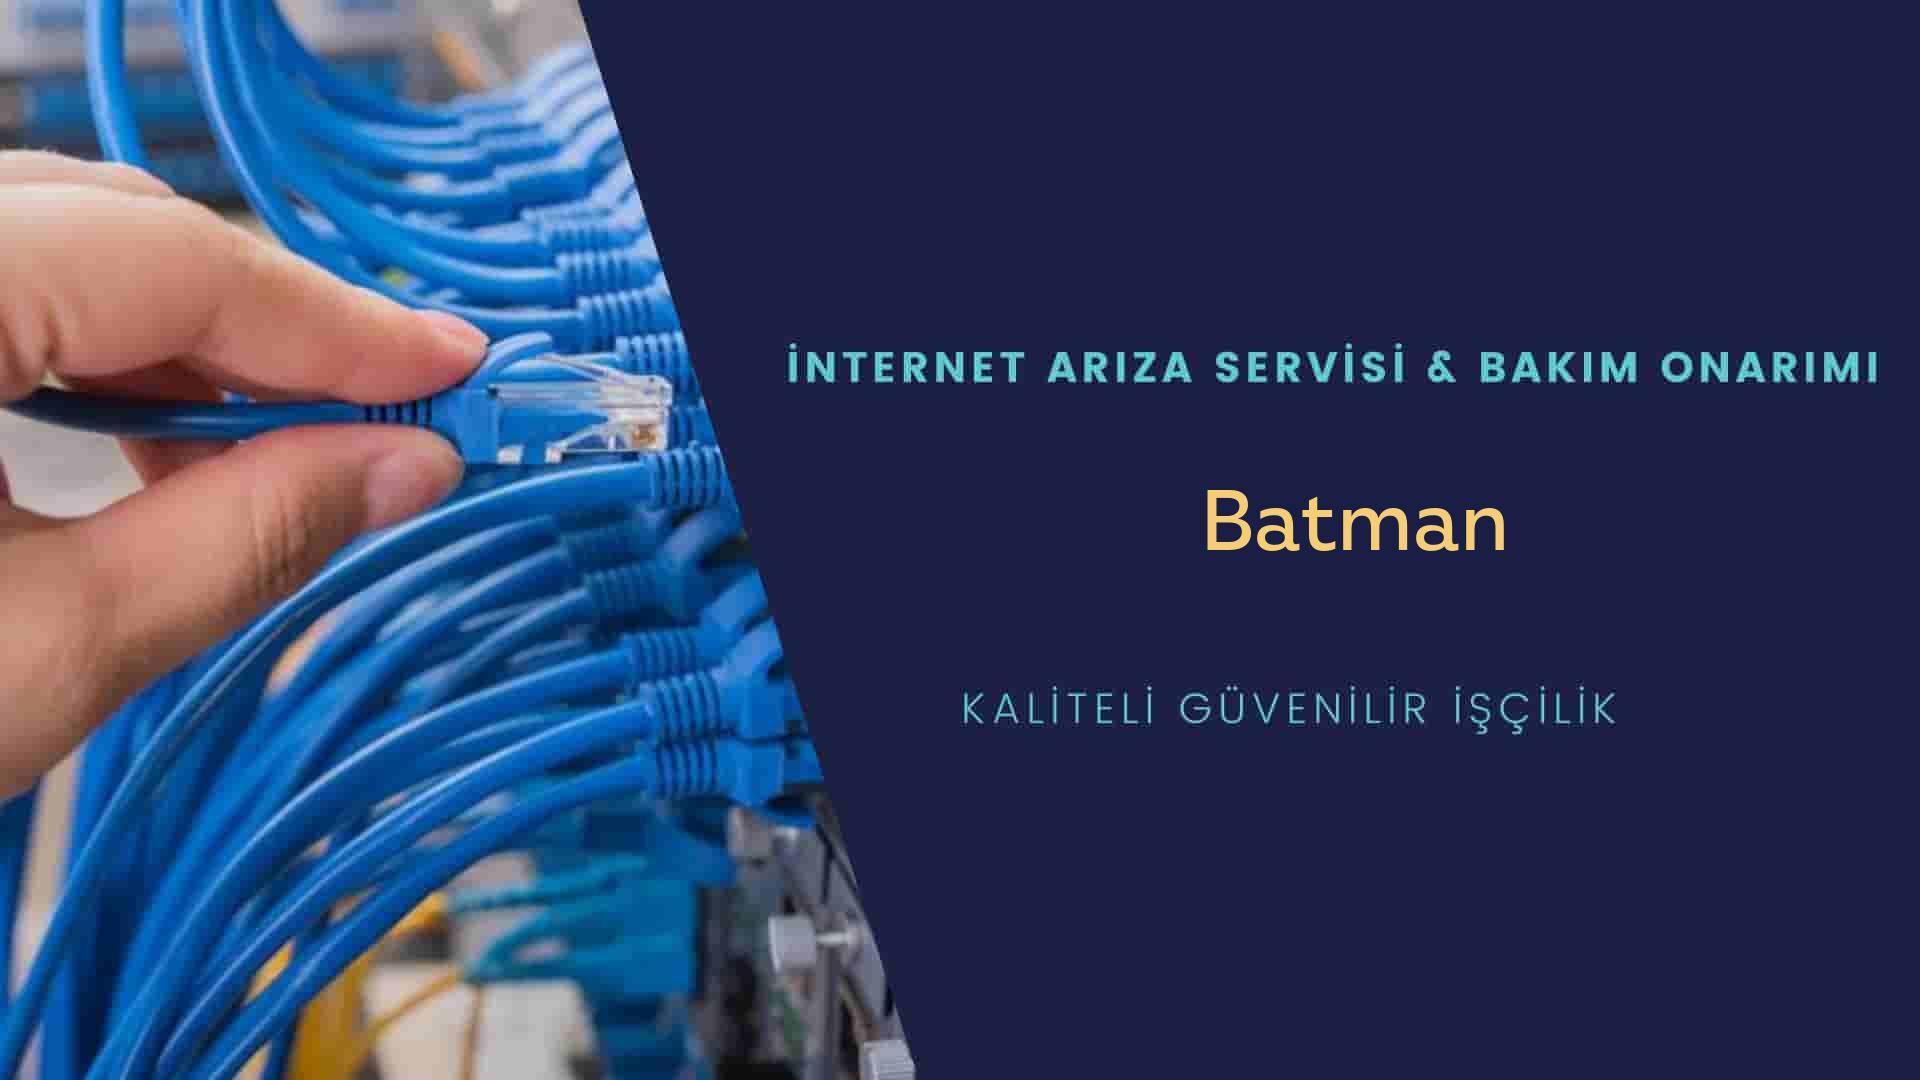 Batman internet kablosu çekimi yapan yerler veya elektrikçiler mi? arıyorsunuz doğru yerdesiniz o zaman sizlere 7/24 yardımcı olacak profesyonel ustalarımız bir telefon kadar yakındır size.